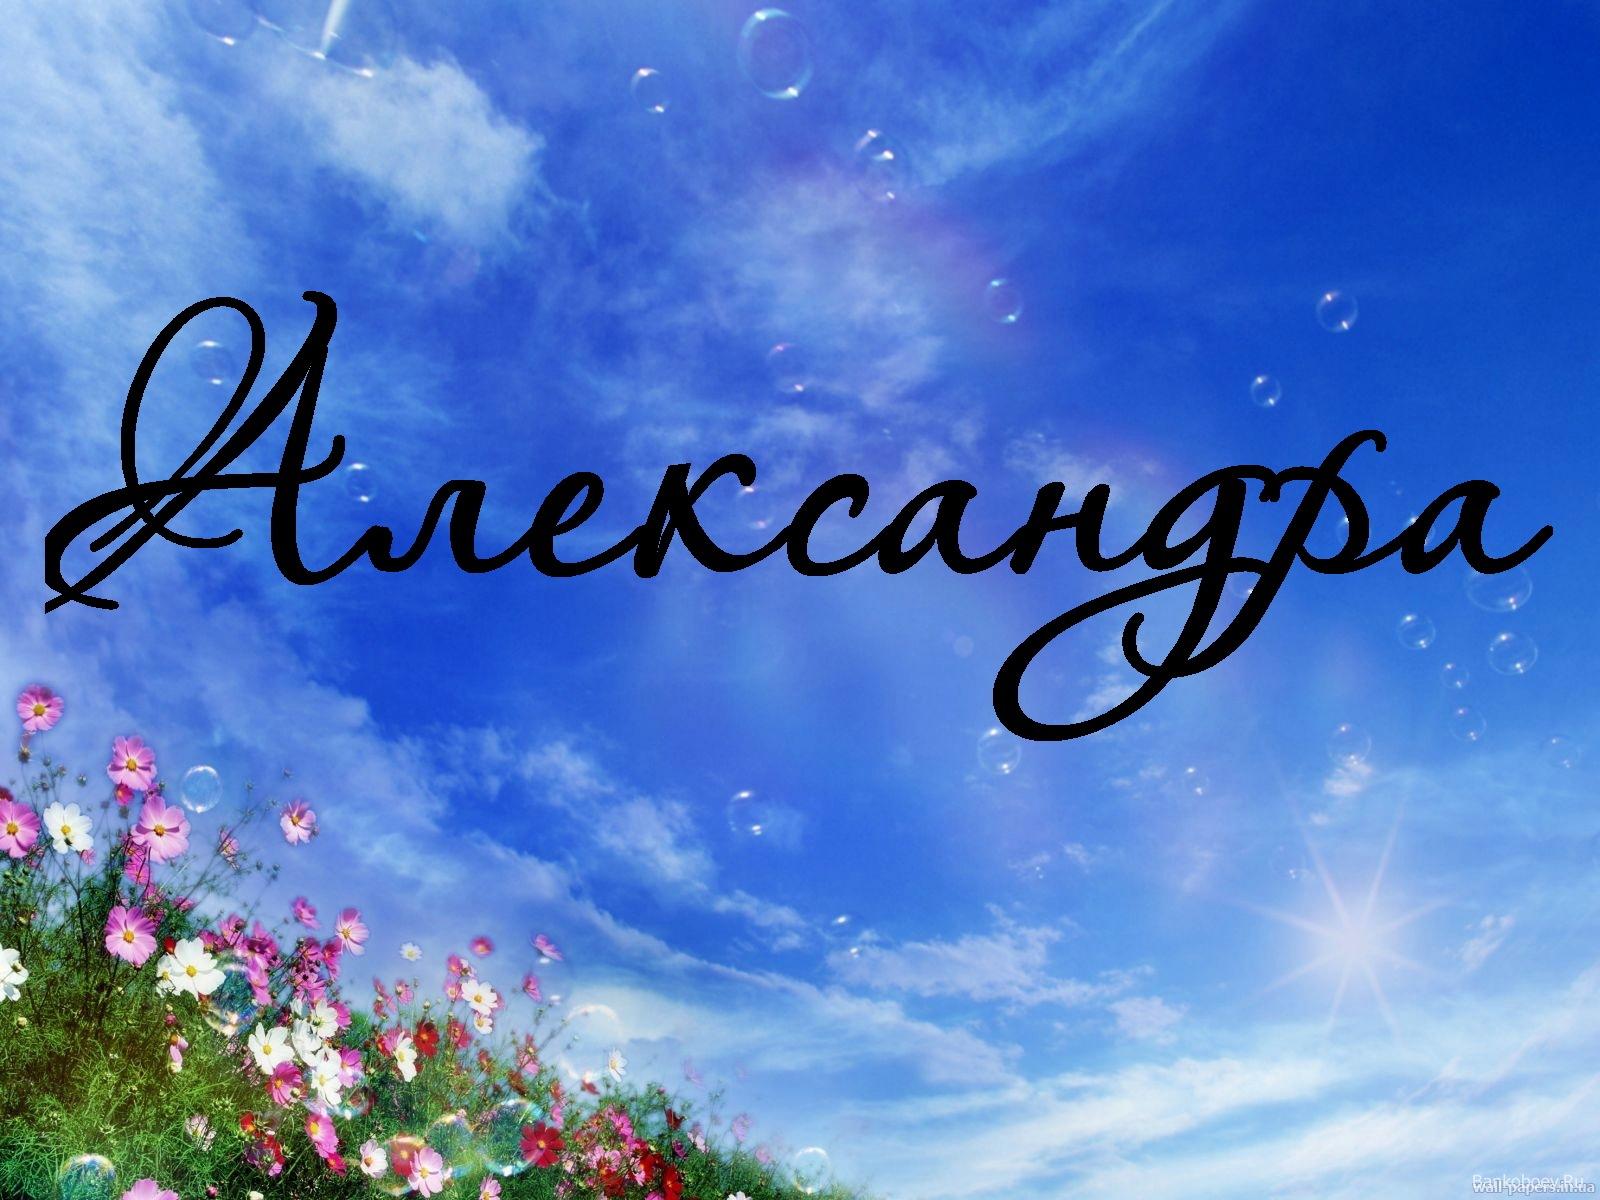 Александра имя открытка 59